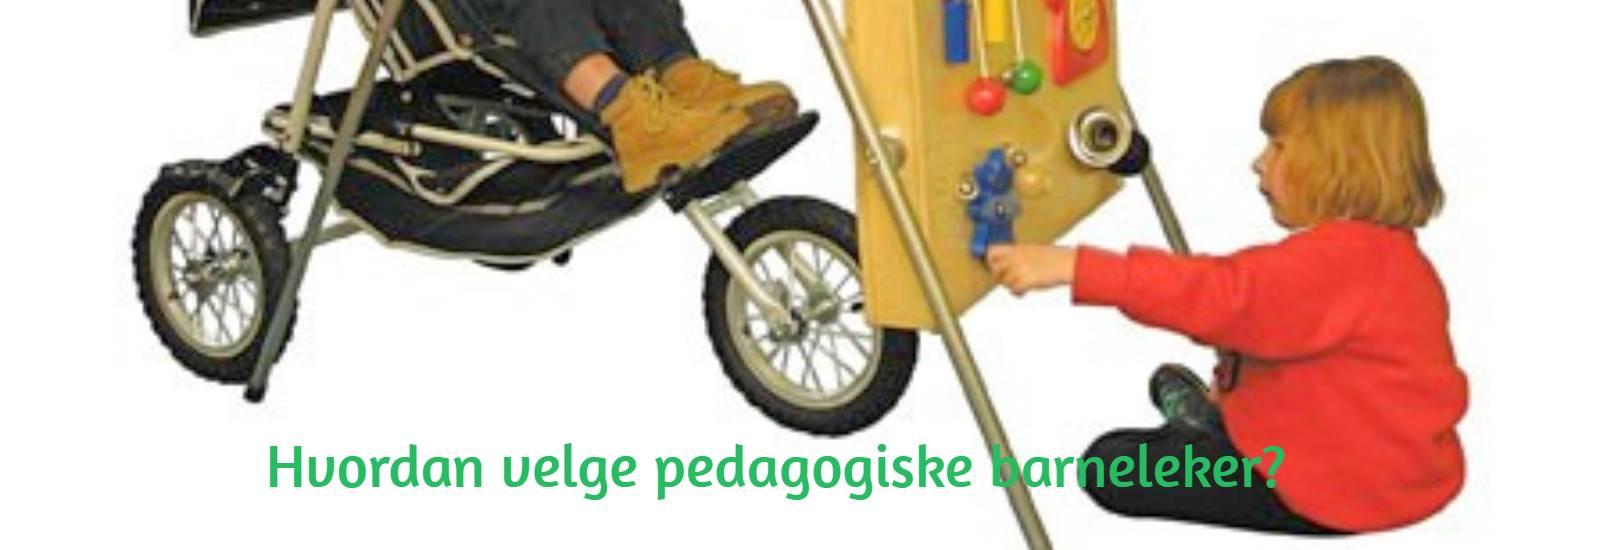 Hvordan velge pedagogiske barneleker?